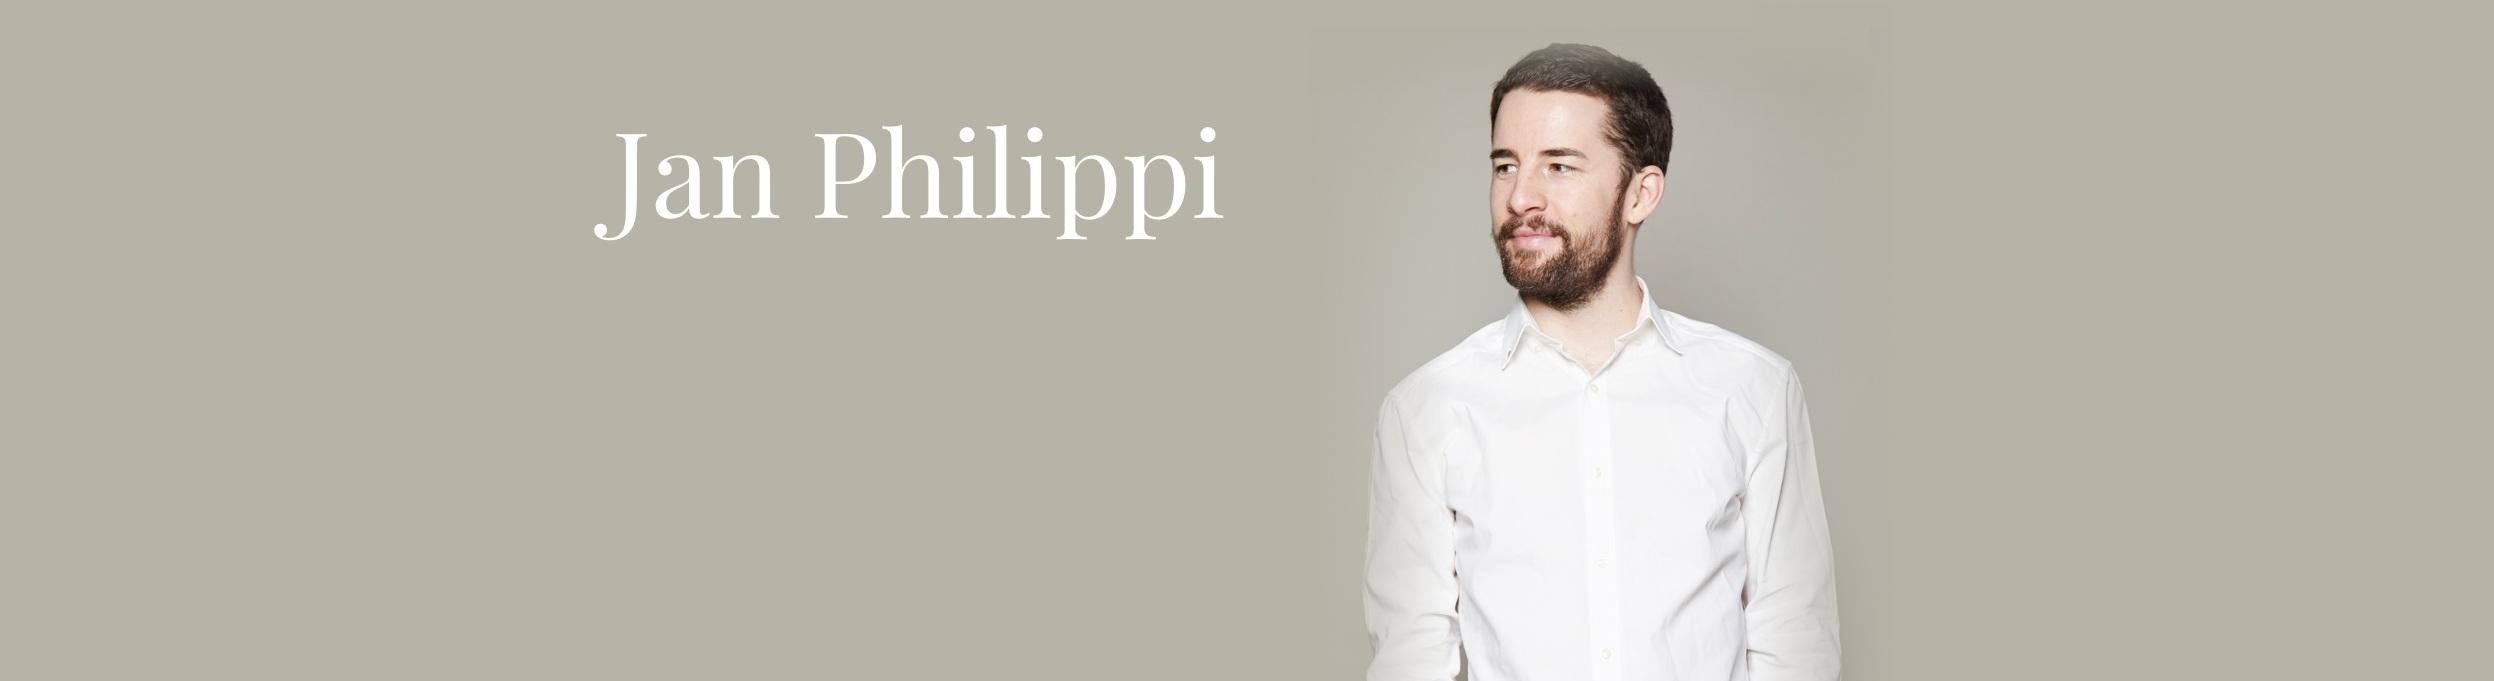 Jan Philippi Coaching Entspannung Work-Life-Balance